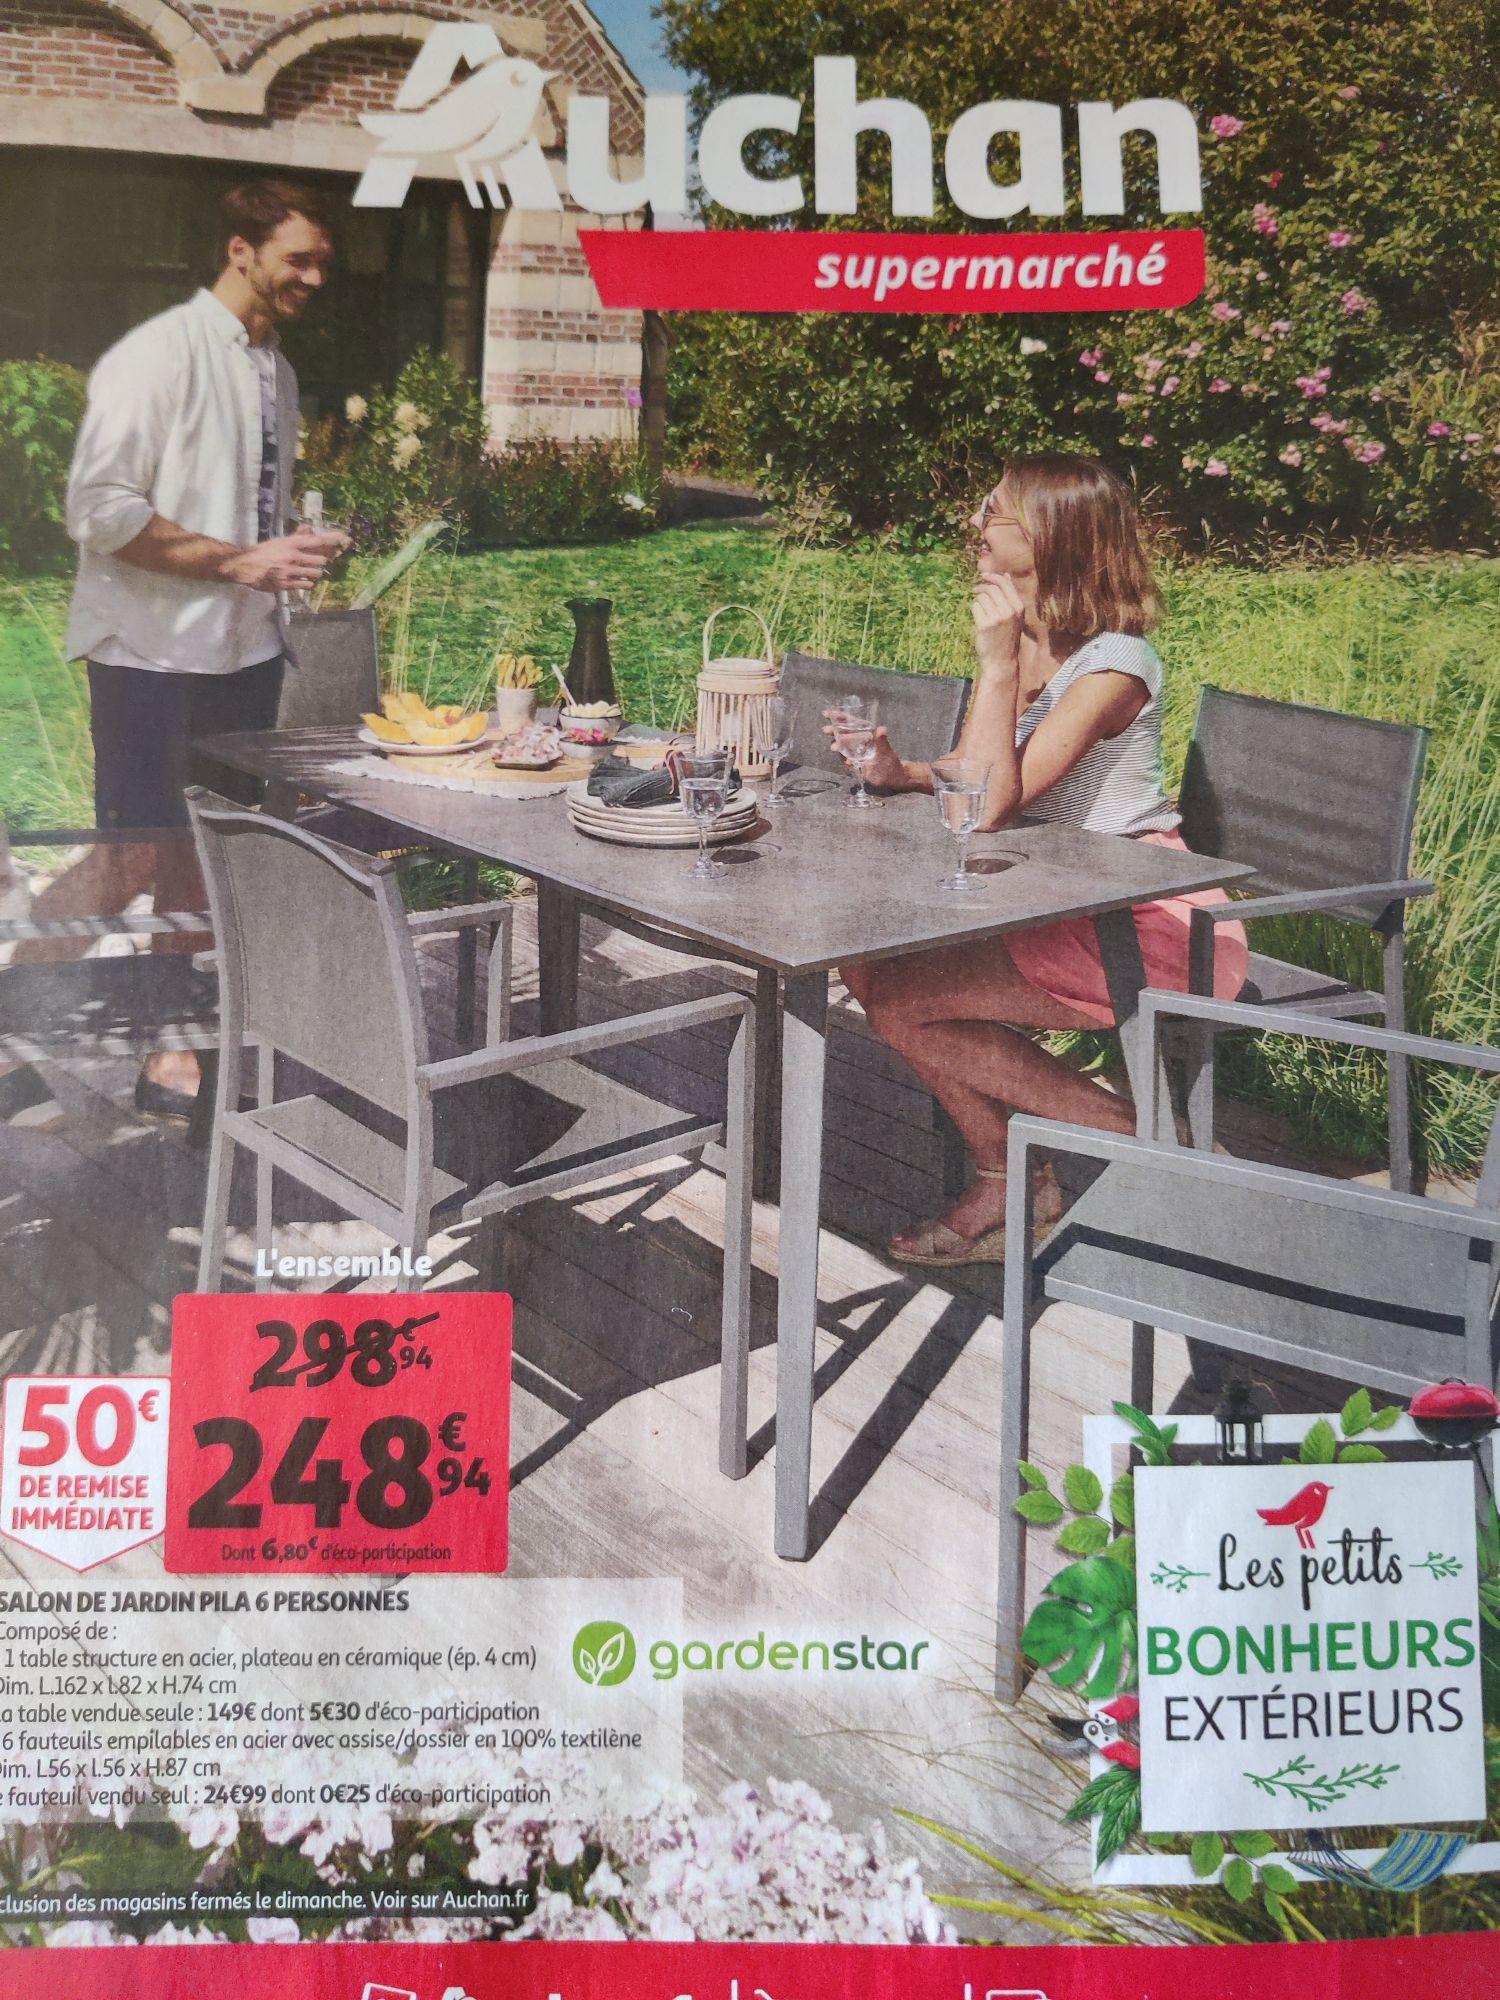 Salon de jardin Pila - 6 personnes : 1 table + 6 fauteuils empilables